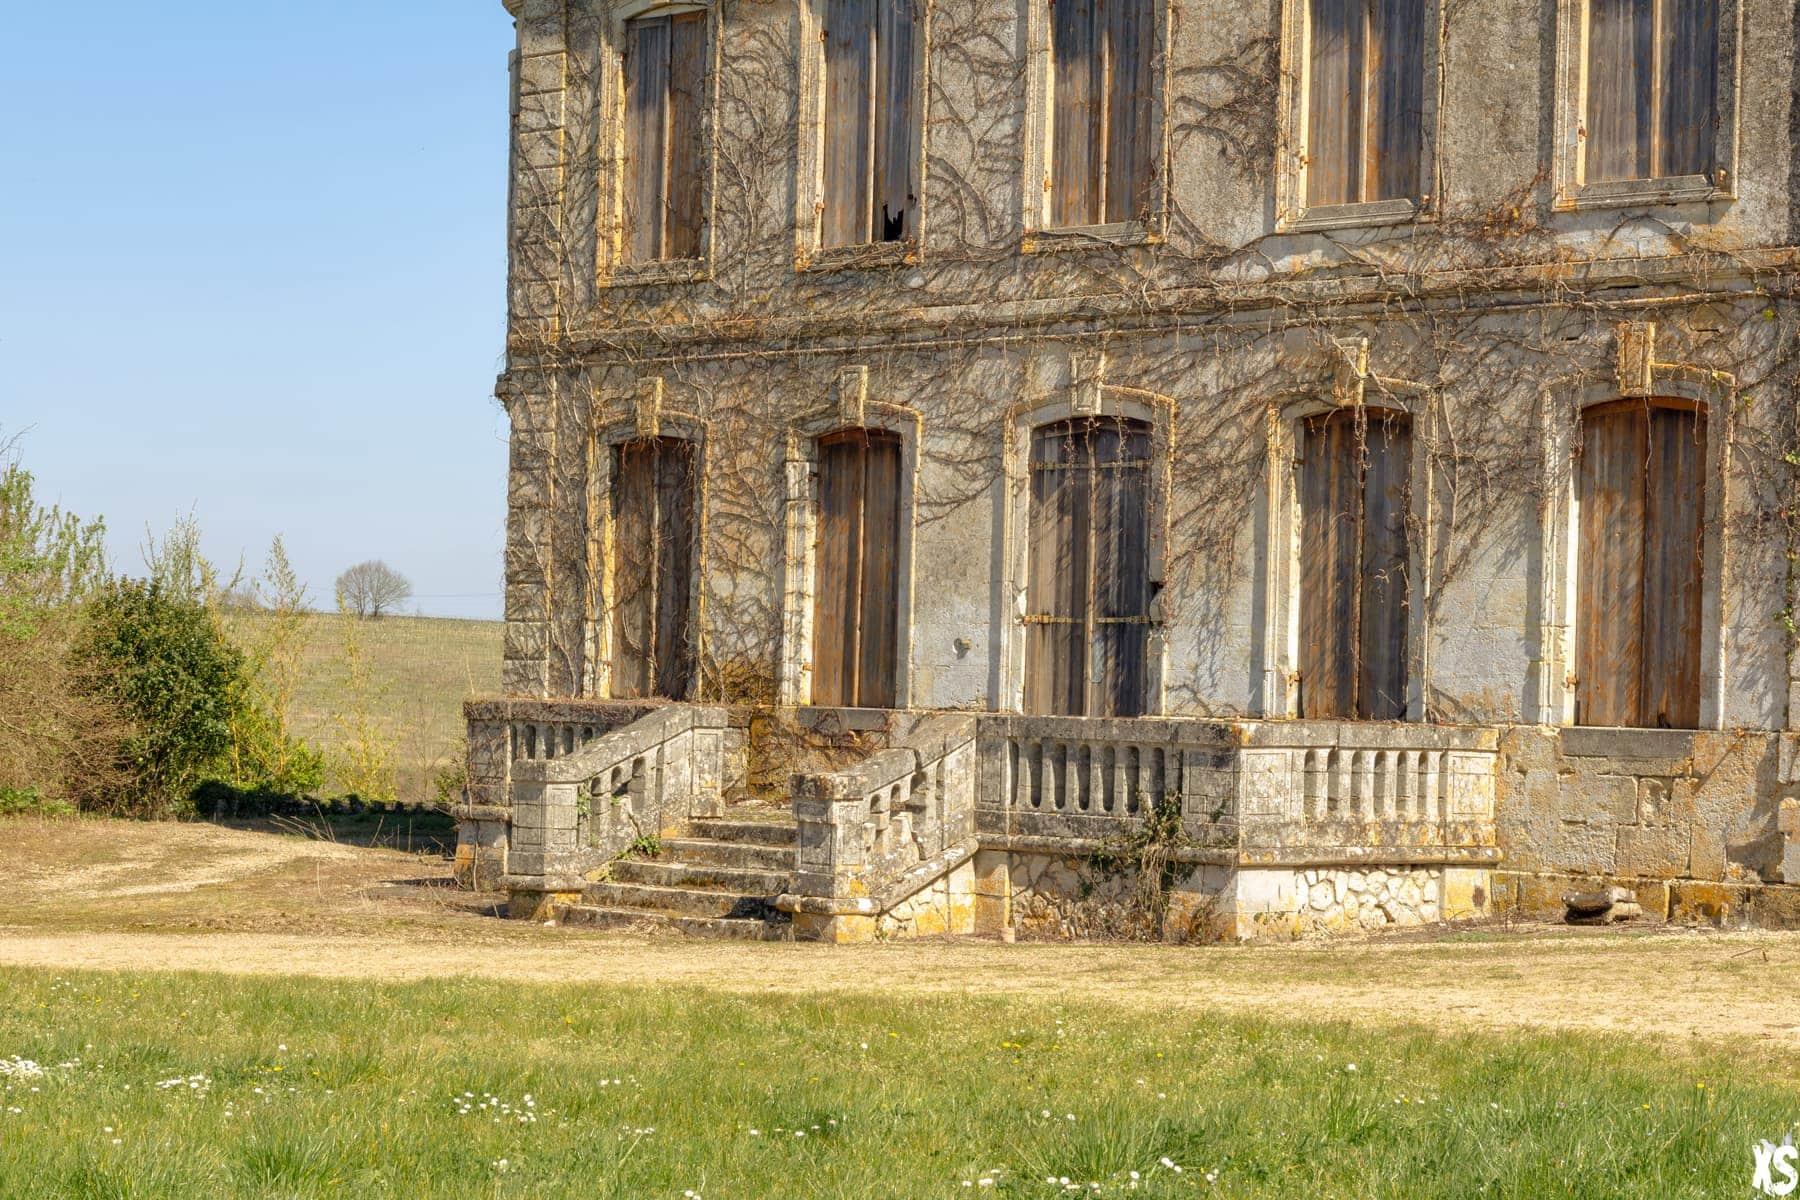 Château abandonné situé en Gironde | urbexsession.com/chateau-edward-gein | Urbex Aquitaine